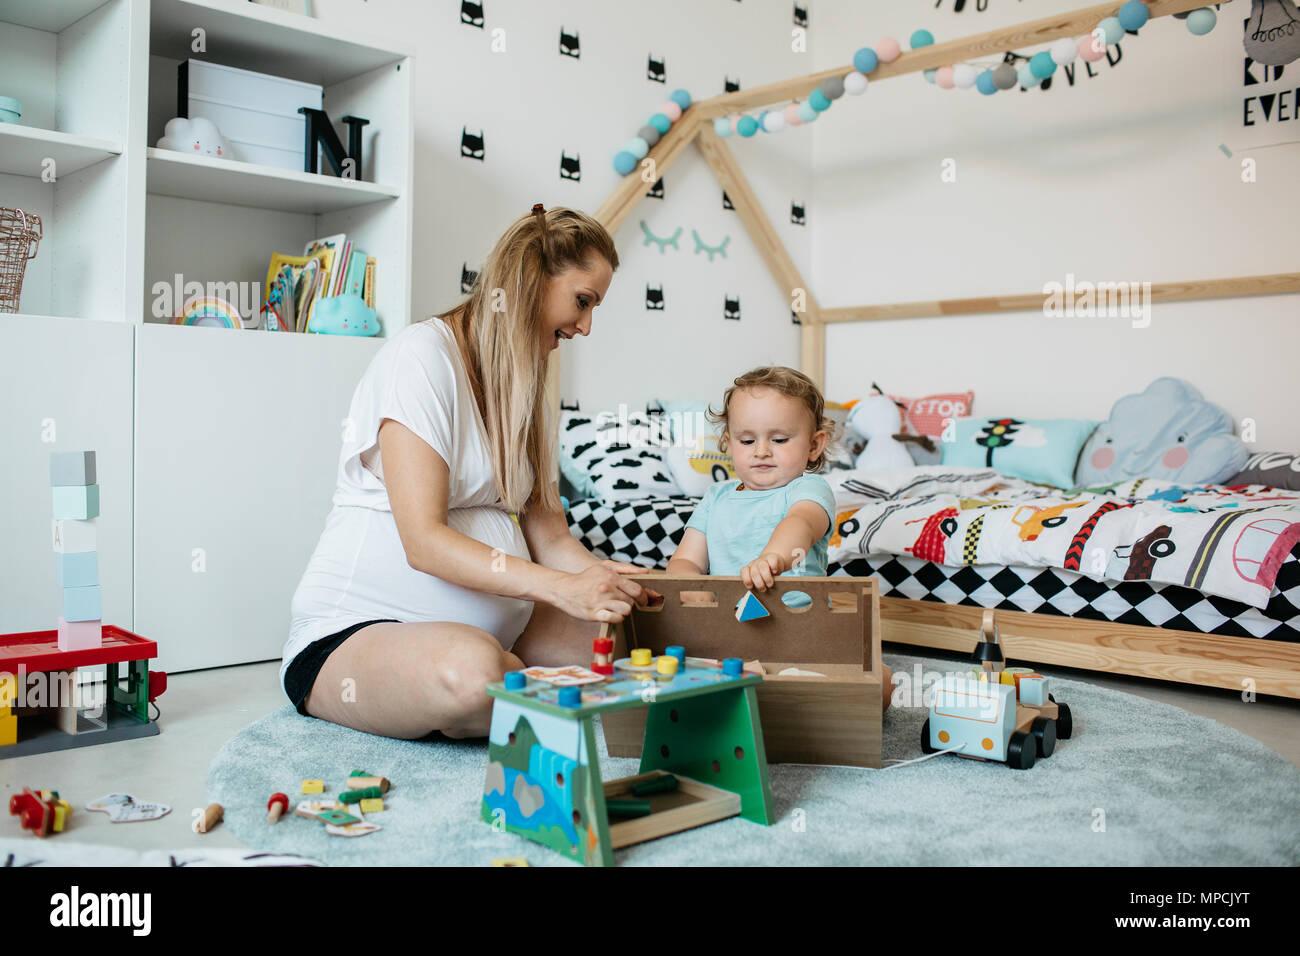 Eine Mutter bringt ihr Kind geometrischen Formen und Farben. Ein kleiner Junge versucht, geometrischen Formen und seine Mutter ihm ermutigende Art. Stockbild